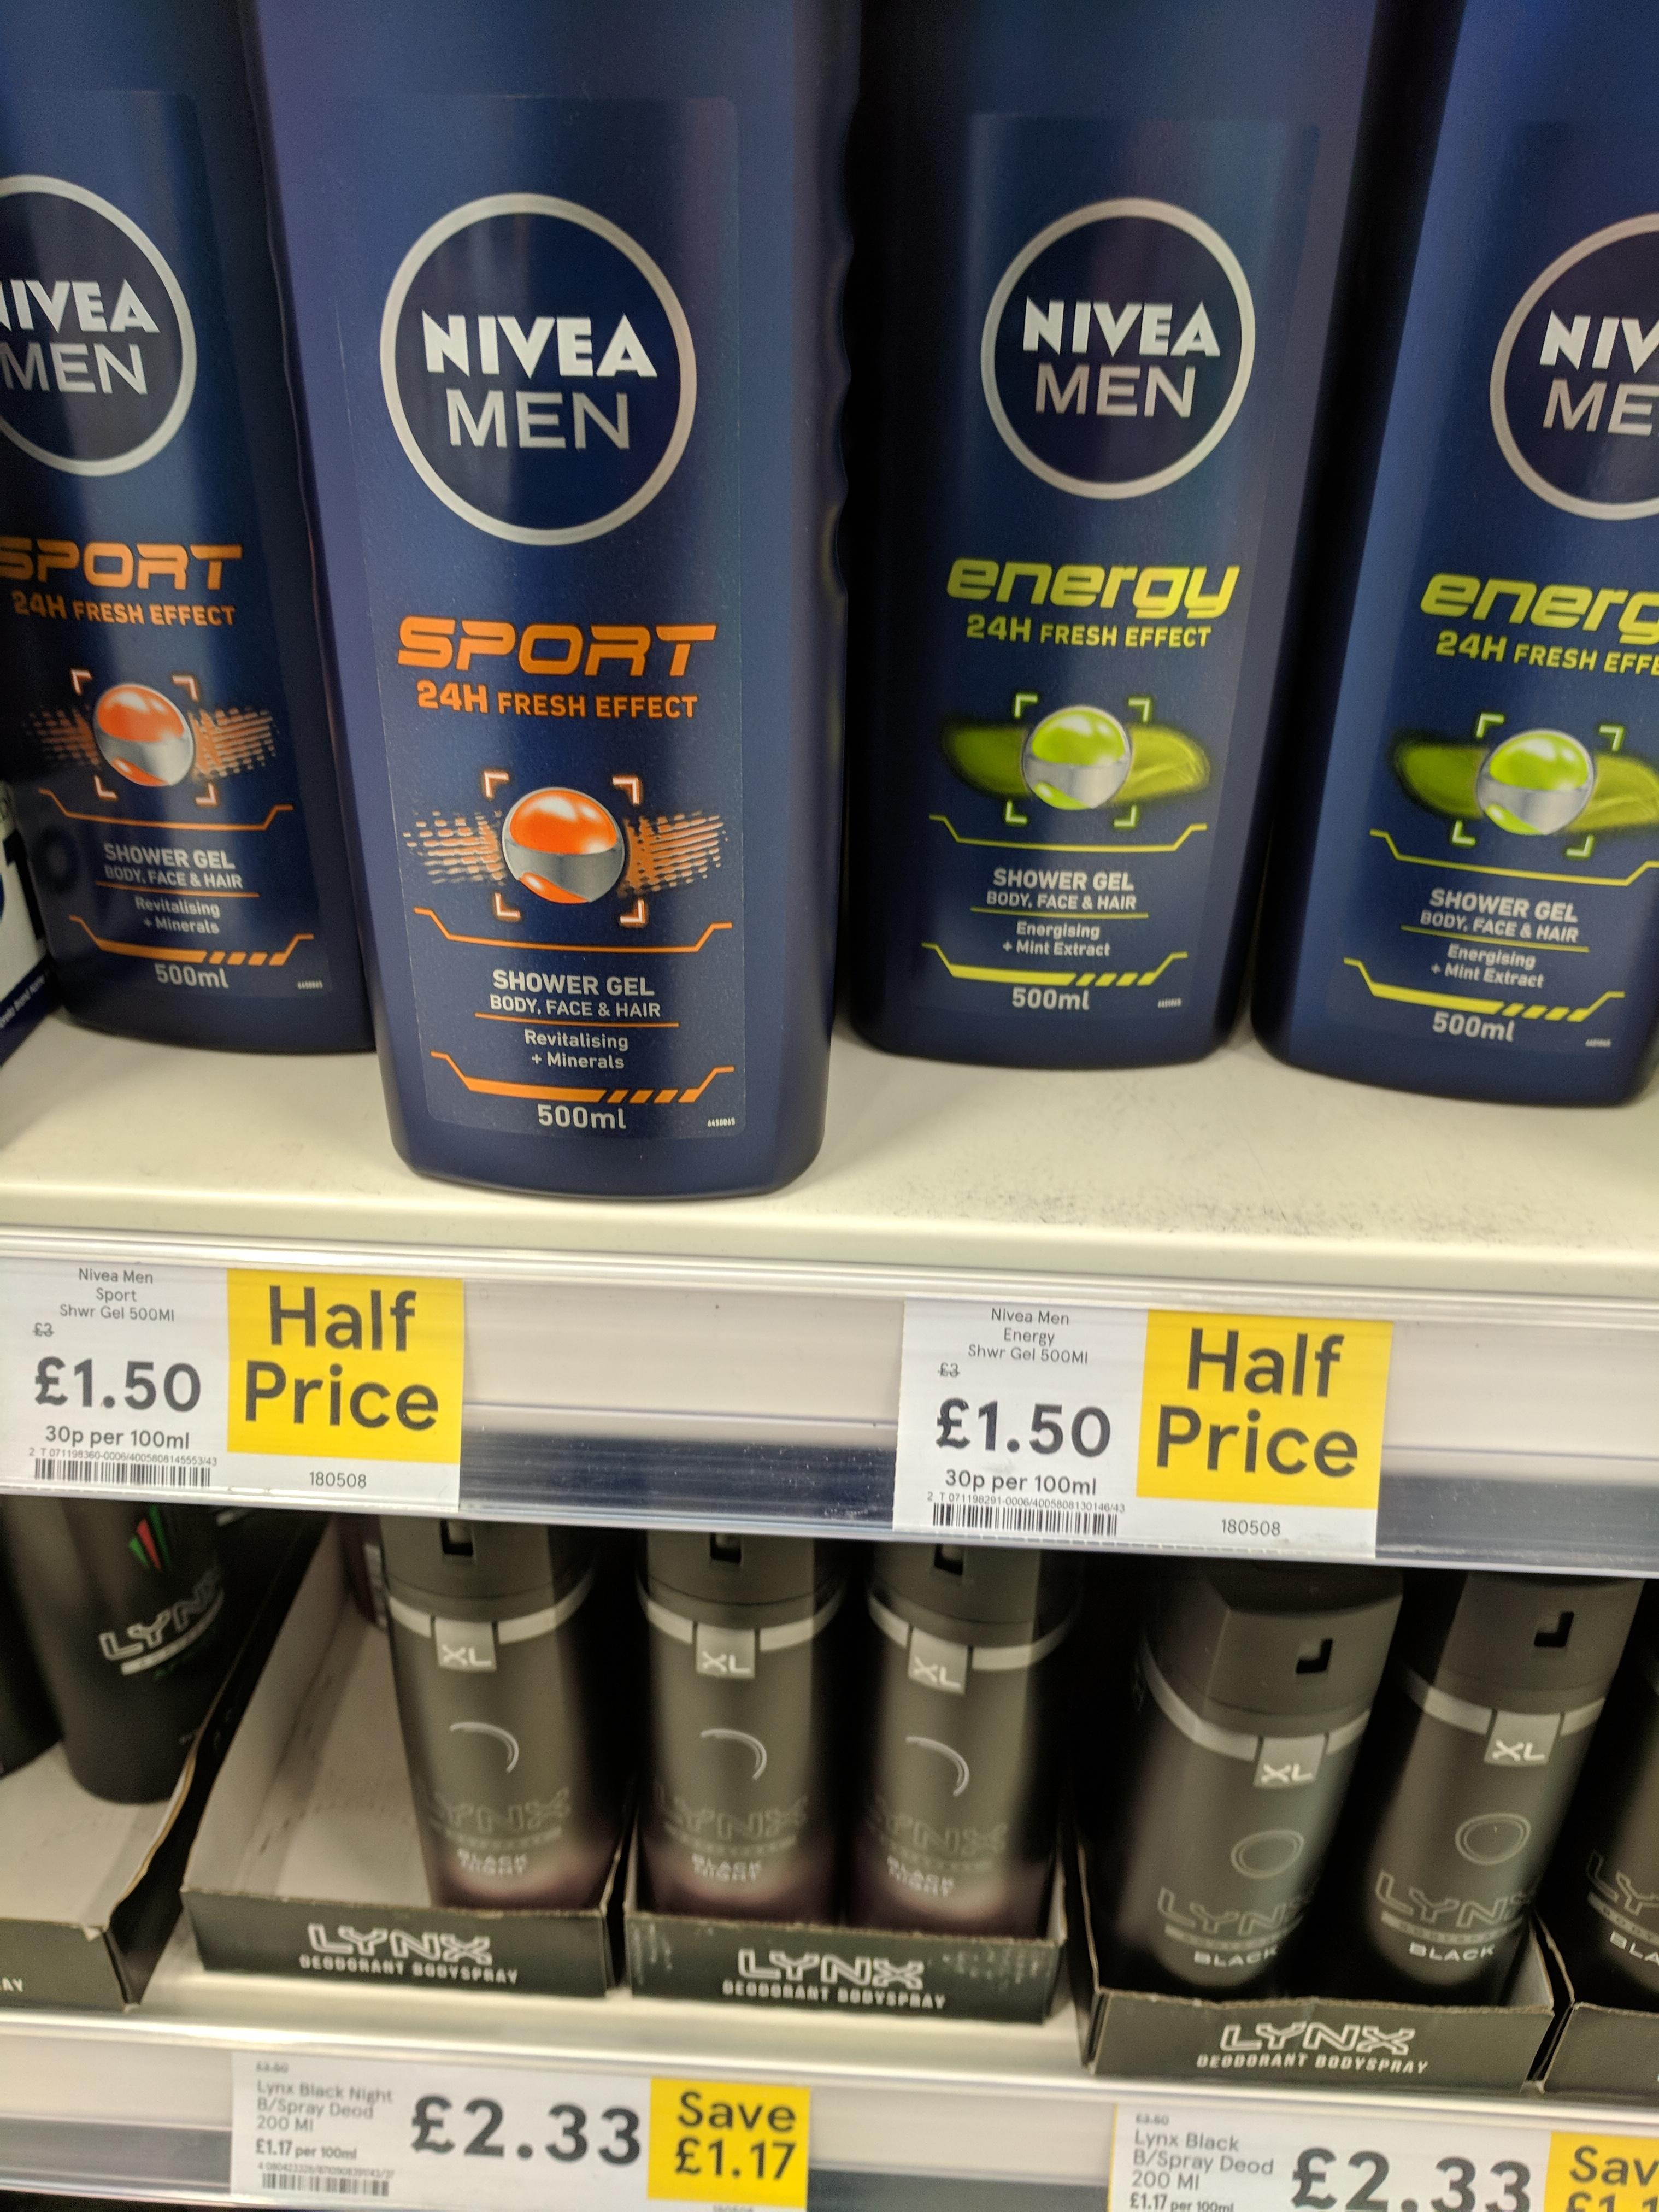 HALF PRICE - Nivea Men Shower Gel 500ml (various) at Tesco - £1.50